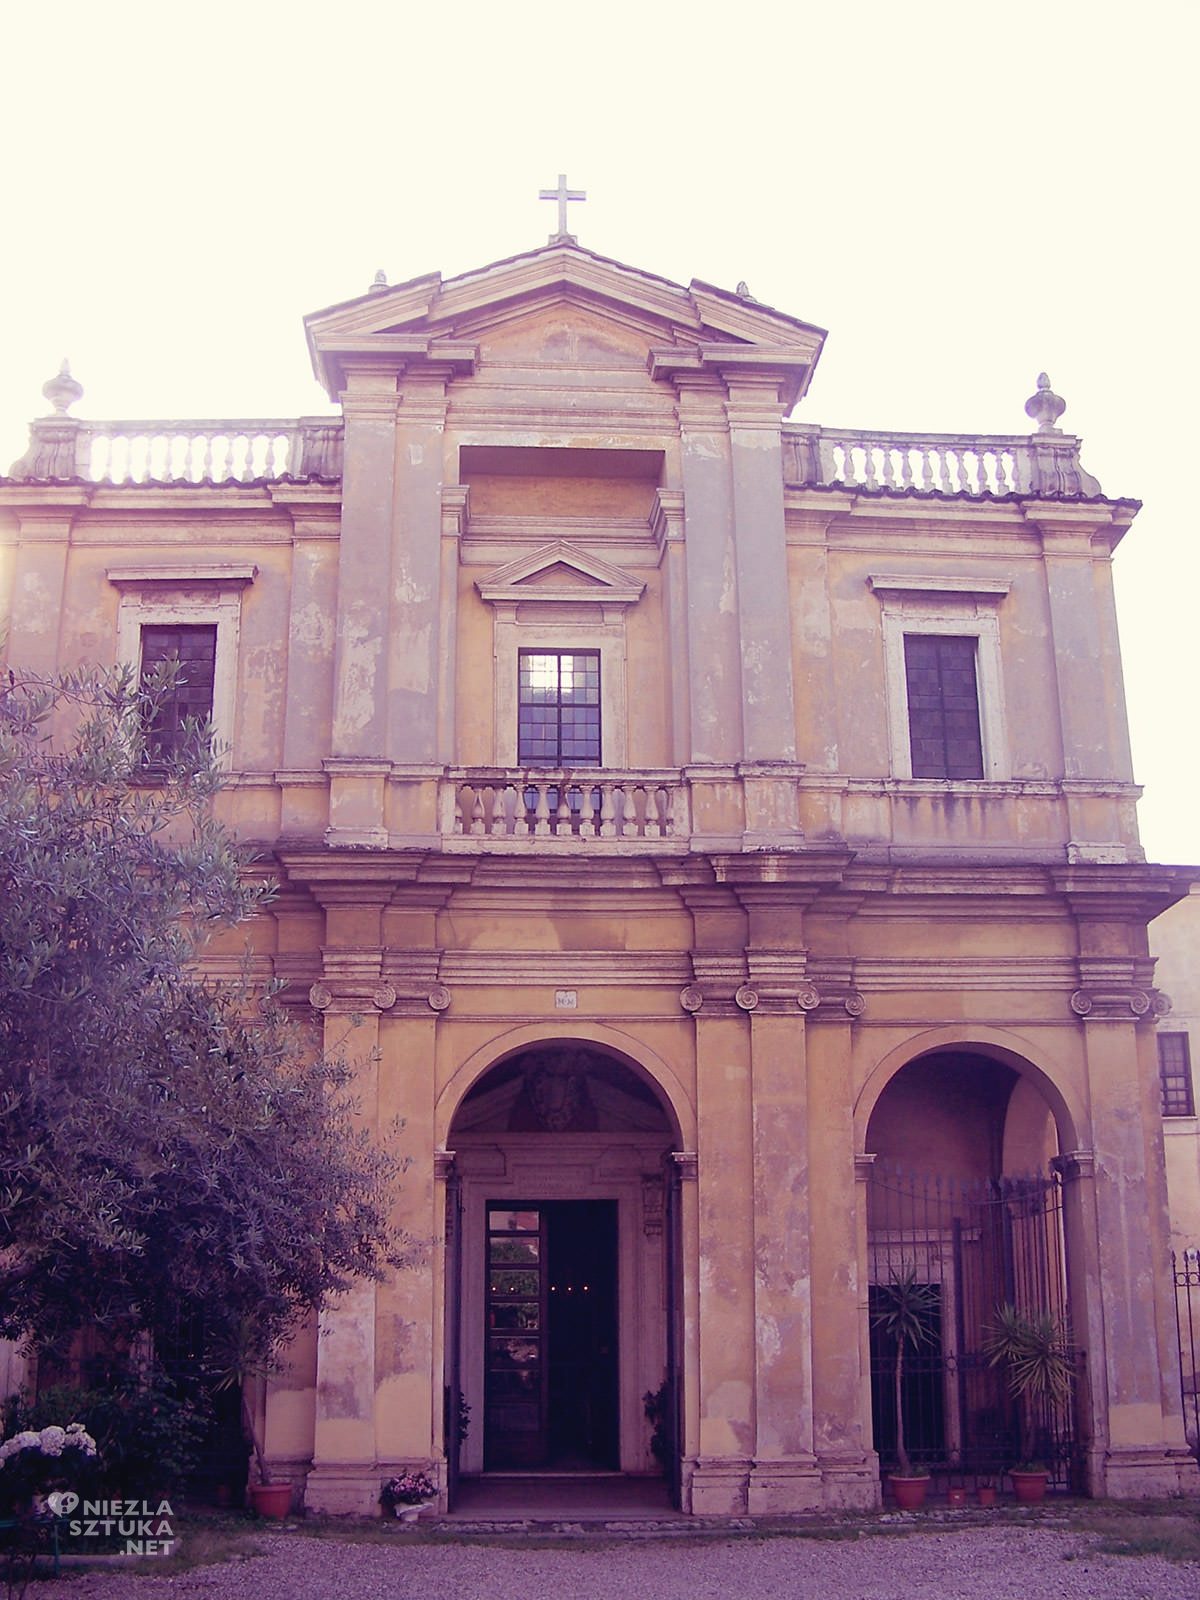 Gian Lorenzo Bernini, Kościół Santa Bibiana, sztuka włoska, rzeźba, Rzym, przewodnik po Rzymie, sztuka w Rzymie, Niezła sztuka